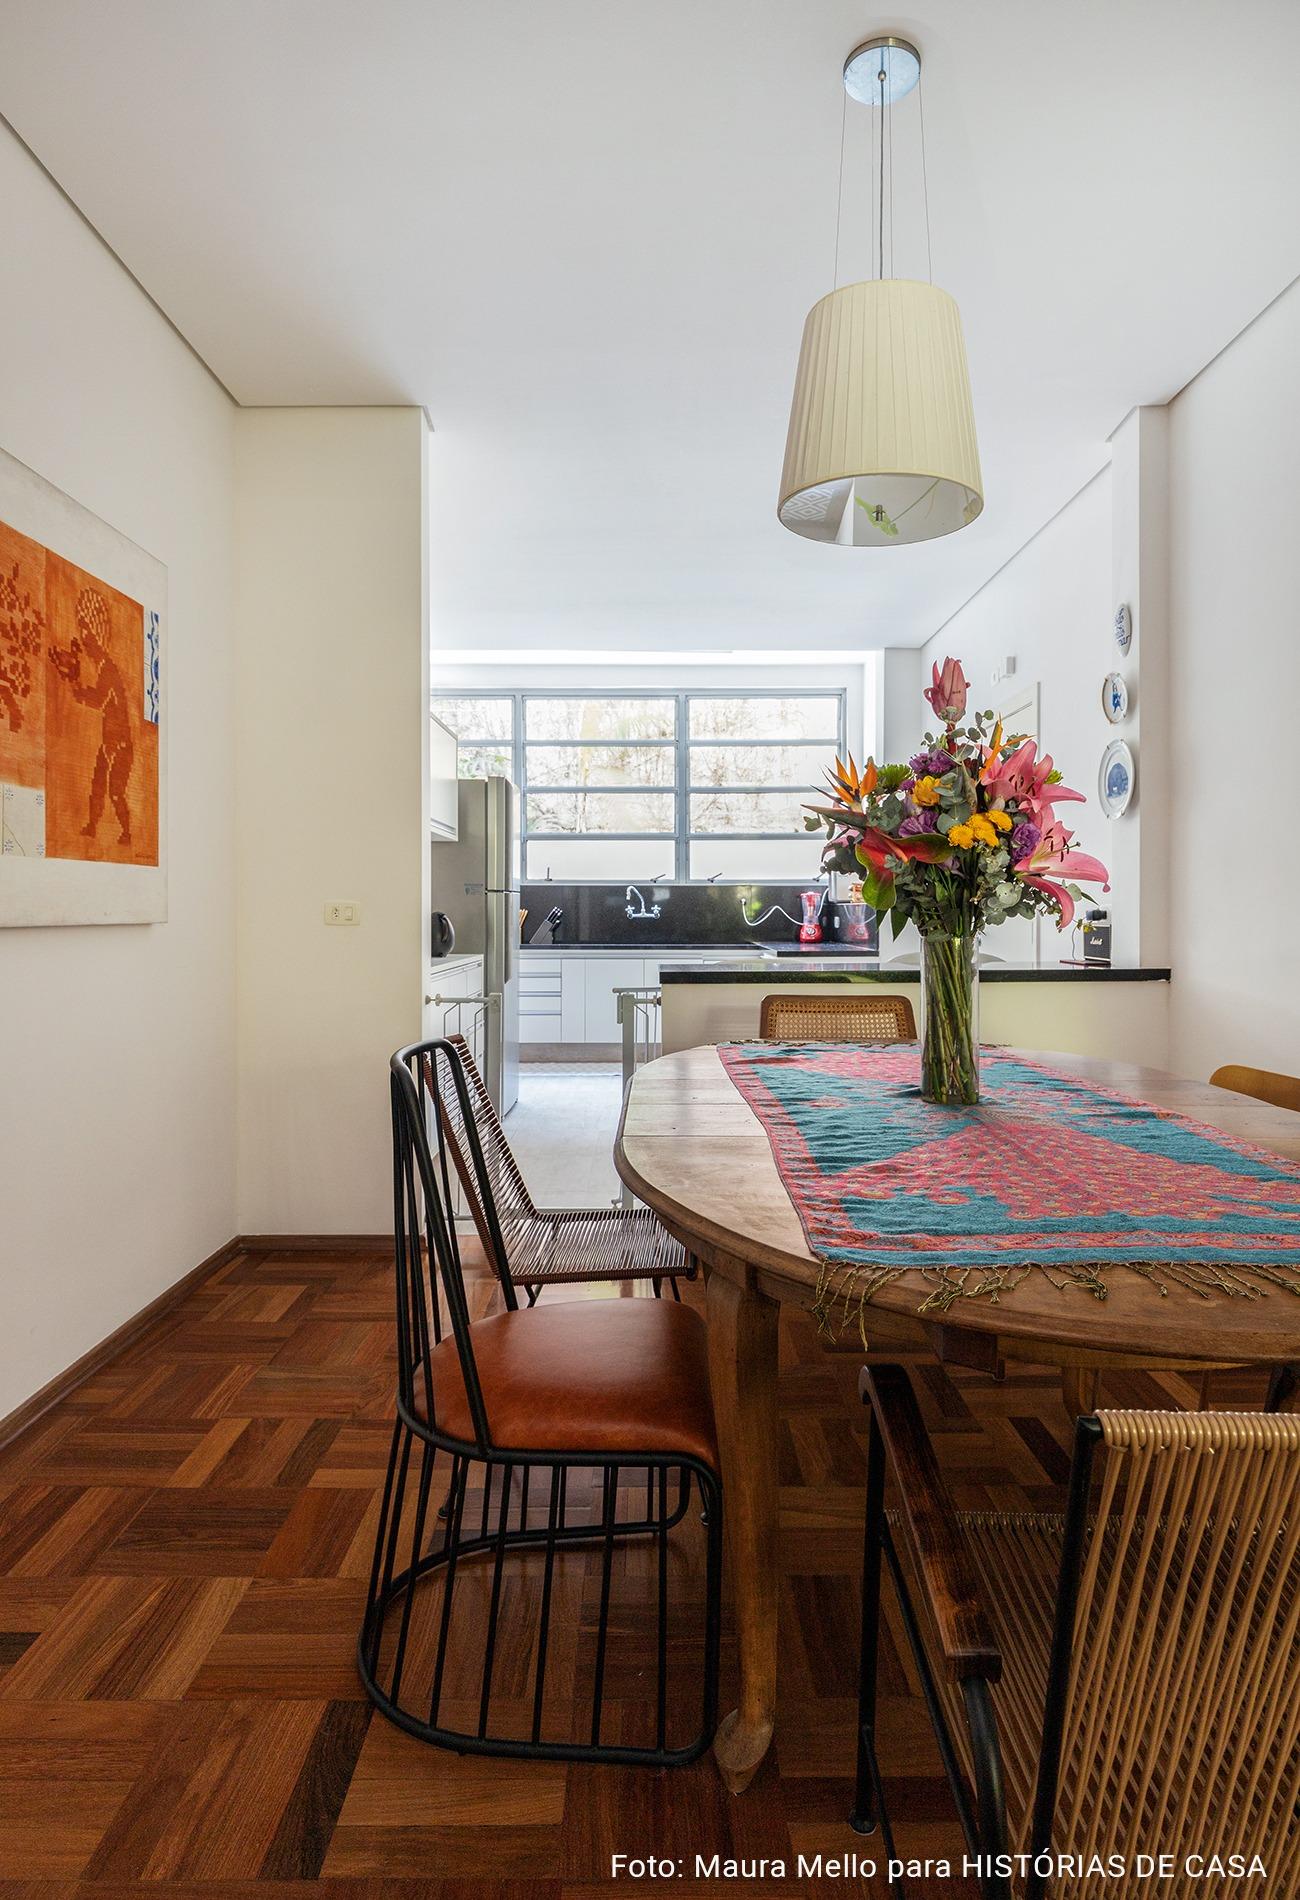 detalhe sala de jantar com cadeiras diferentes